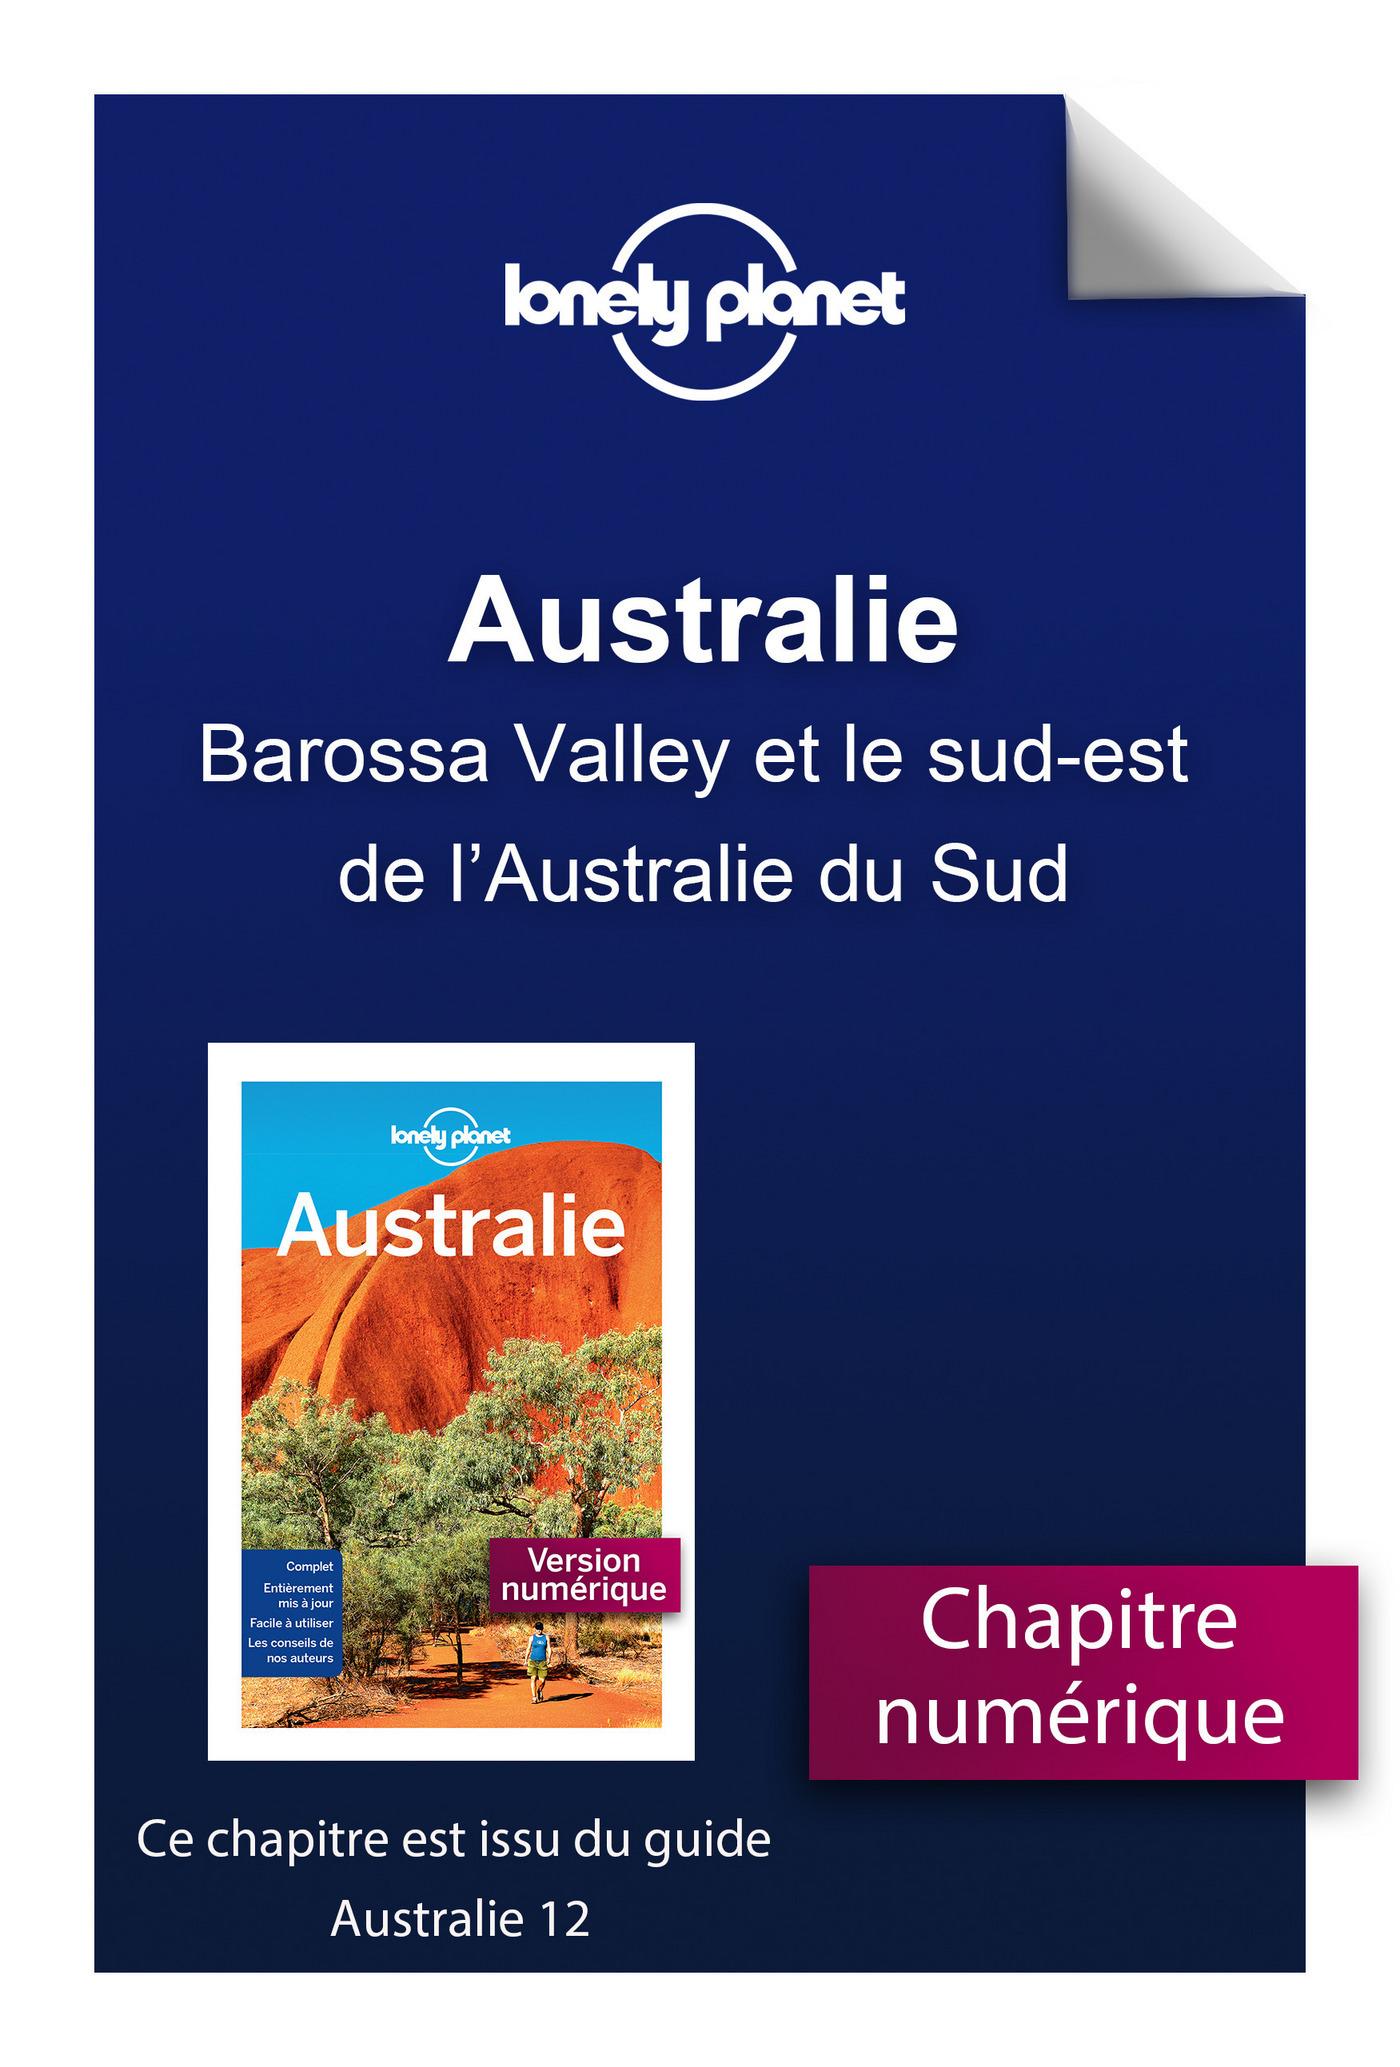 Australie - Barossa Valley et le sud-est de l'Australie du Sud